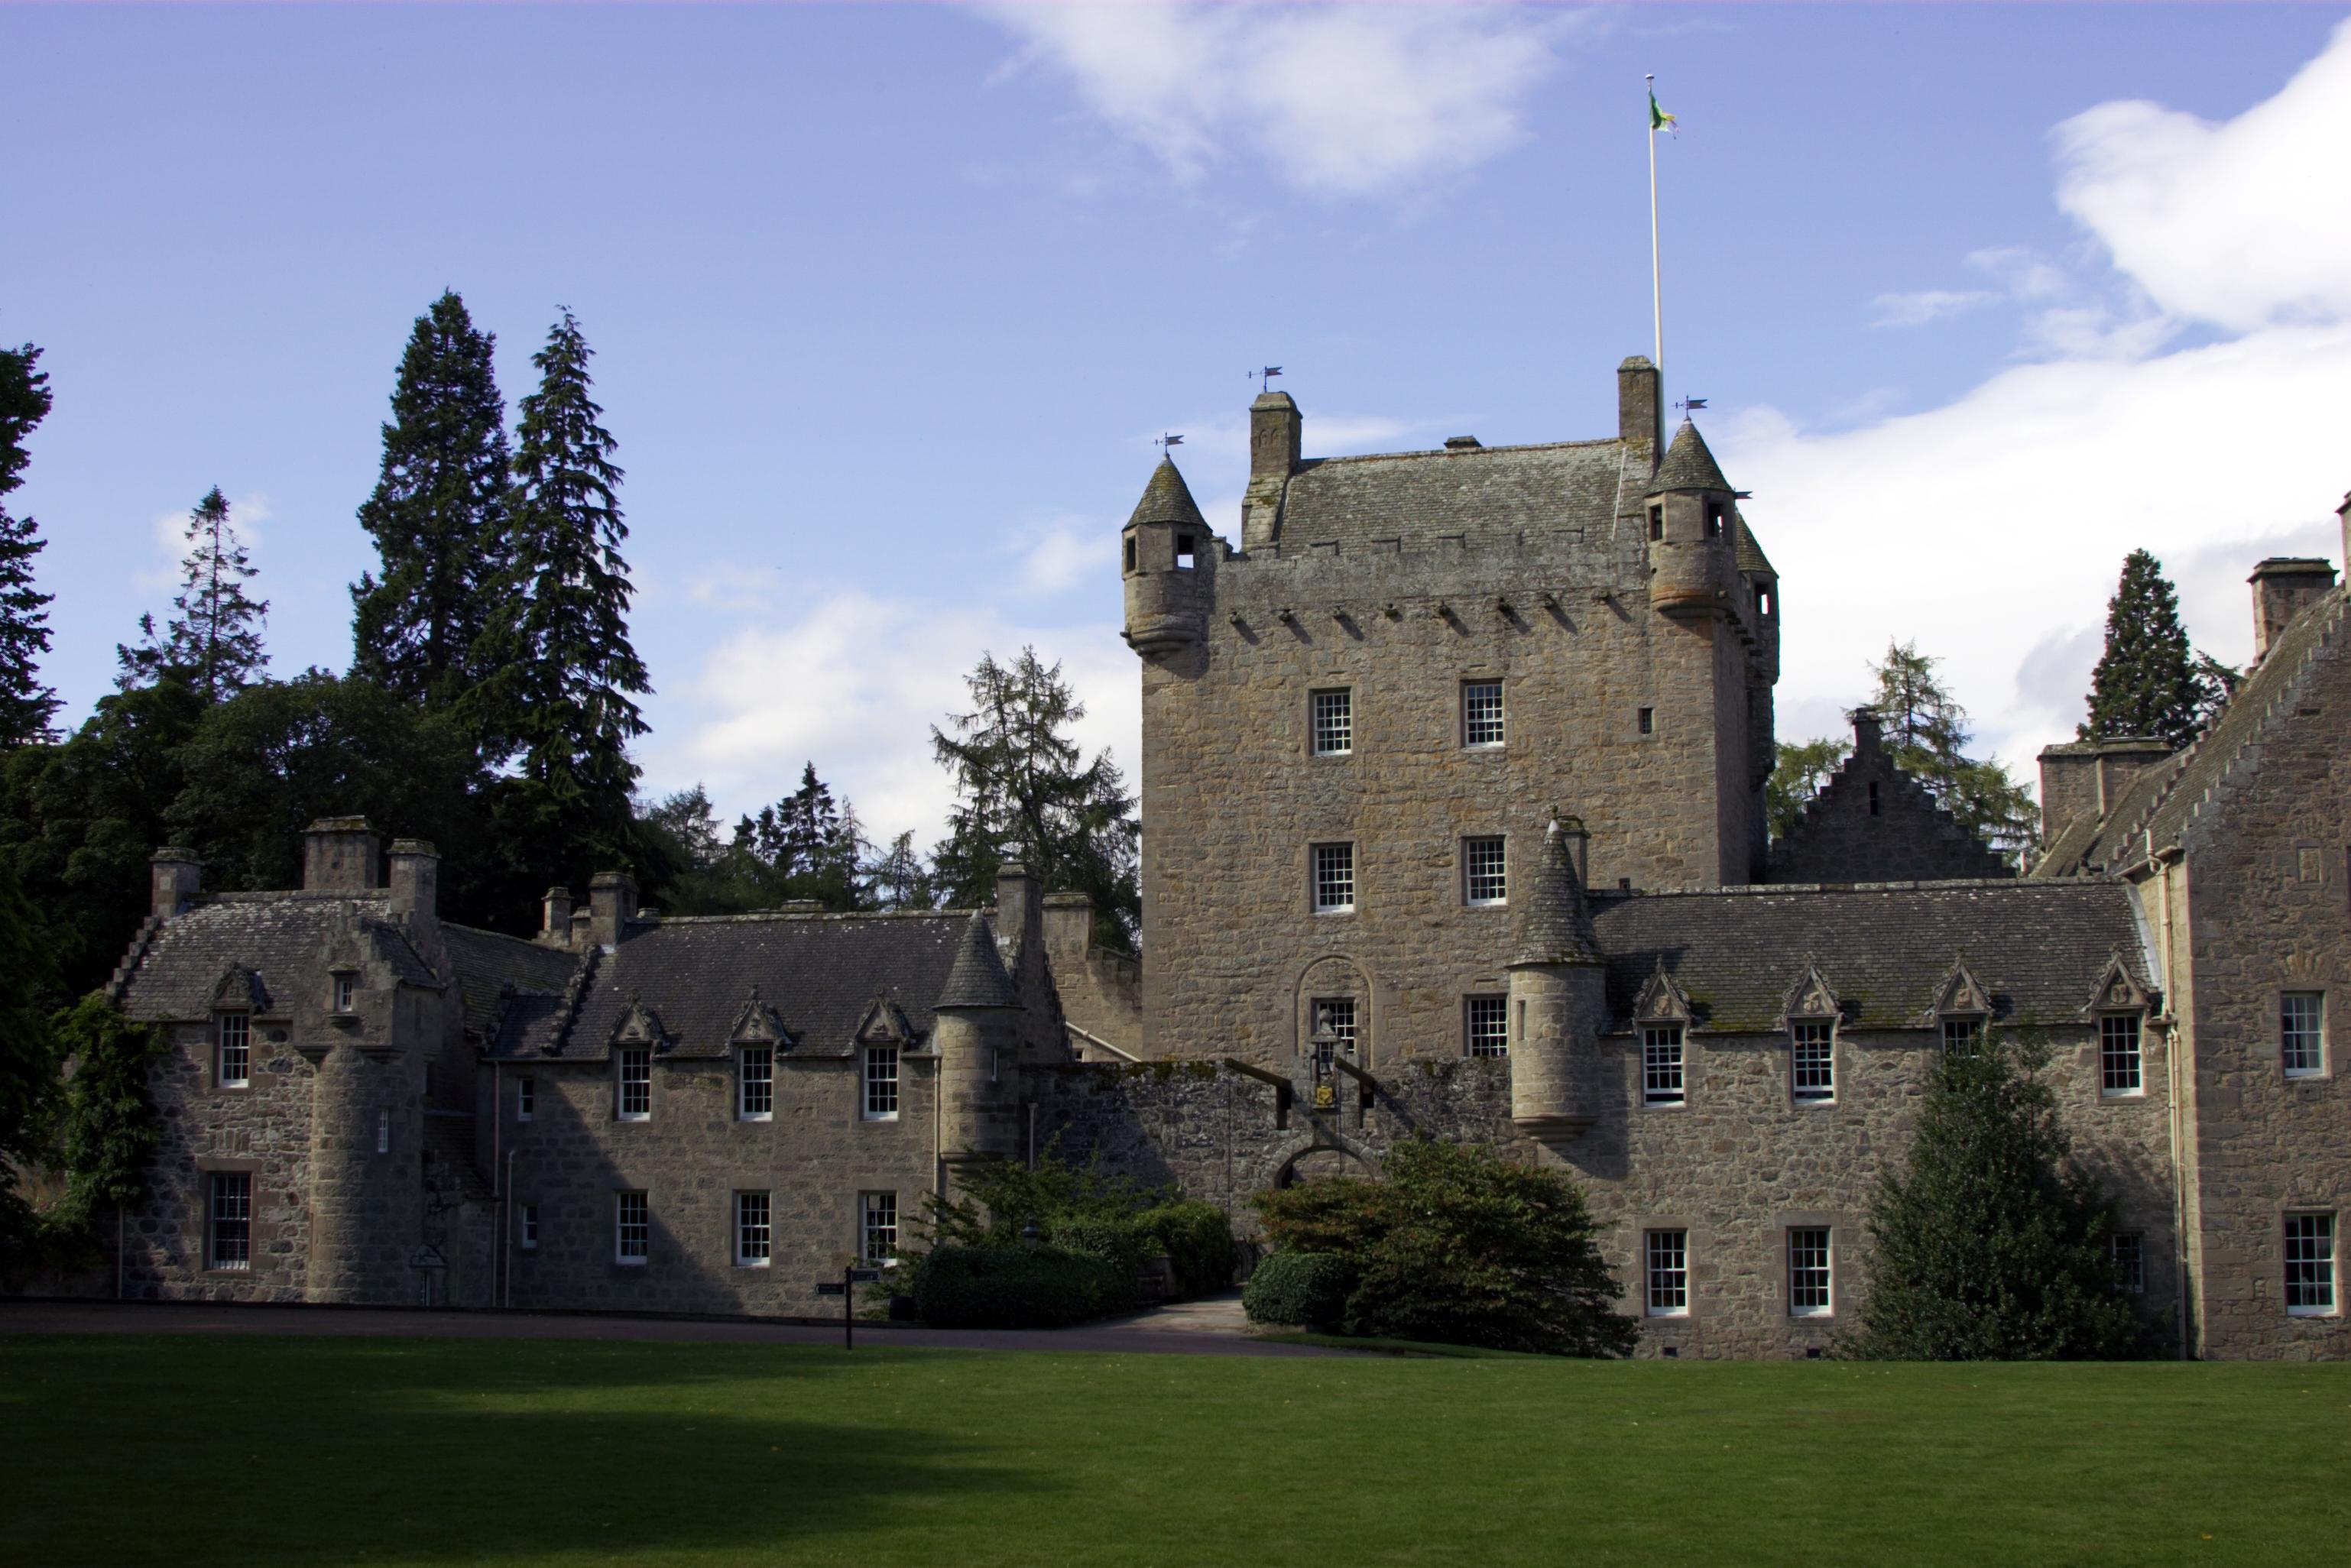 Visita el castillo más romántico de las Highlands - Escocia Circuito Todo Escocia: de Glasgow a Fort William